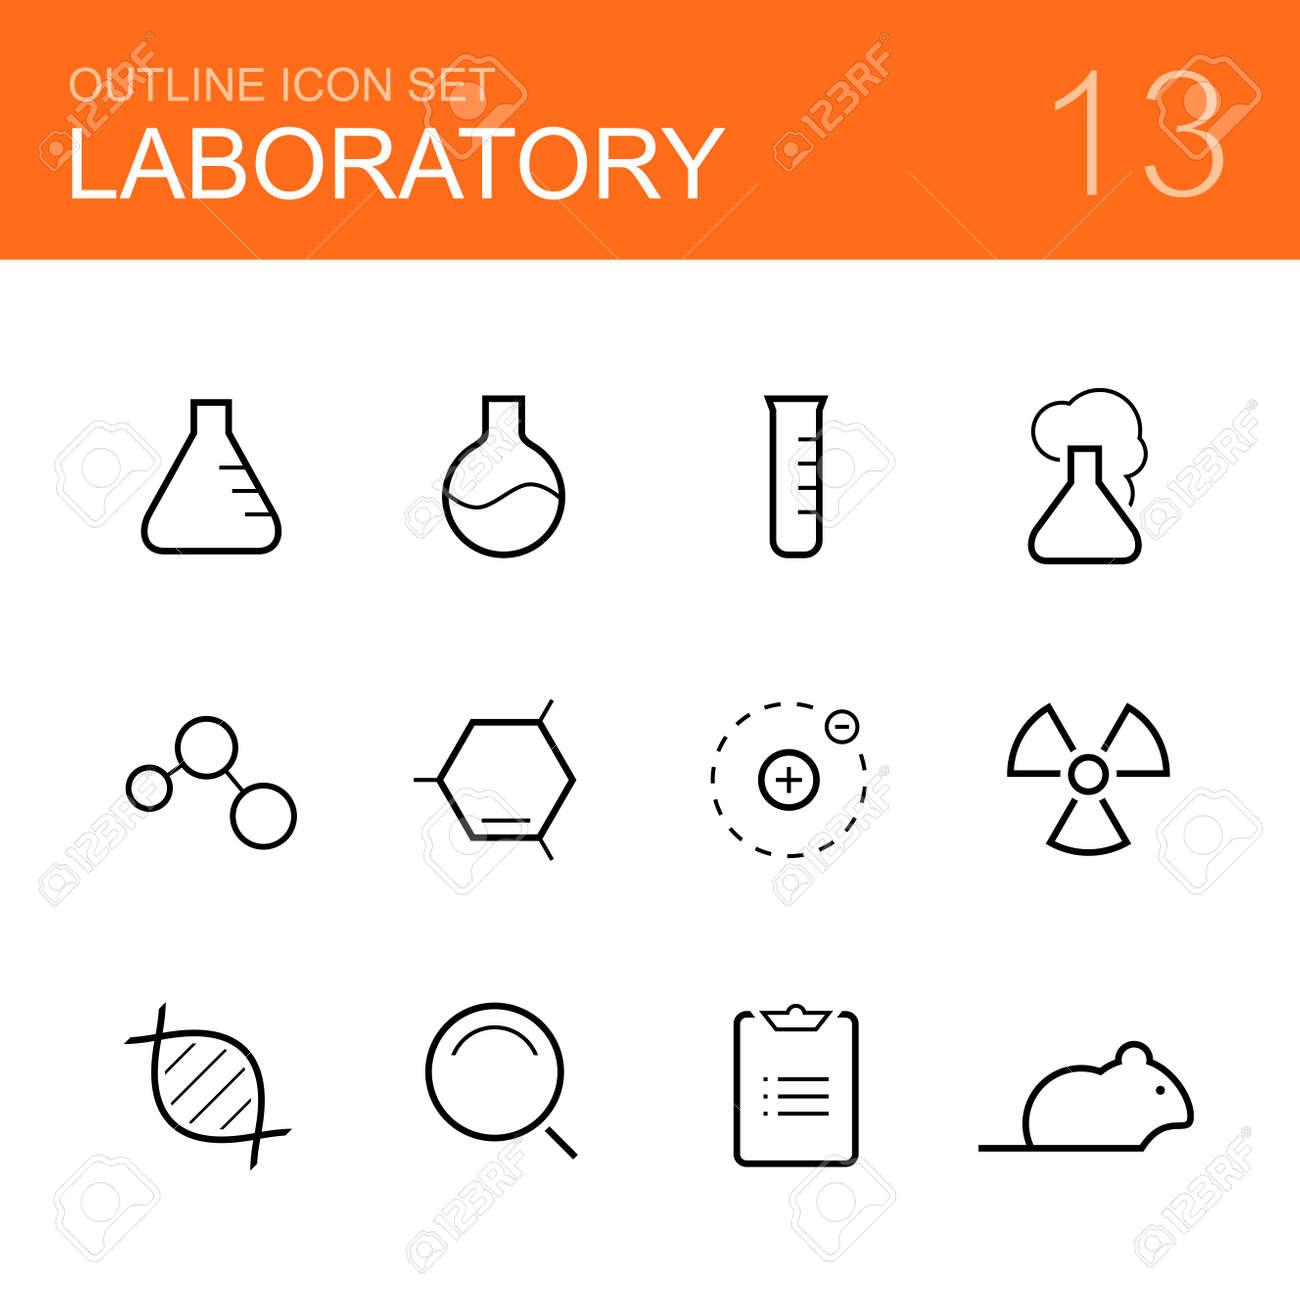 Química De Laboratorio Del Icono Del Vector Esquema Fijado - Botella ...